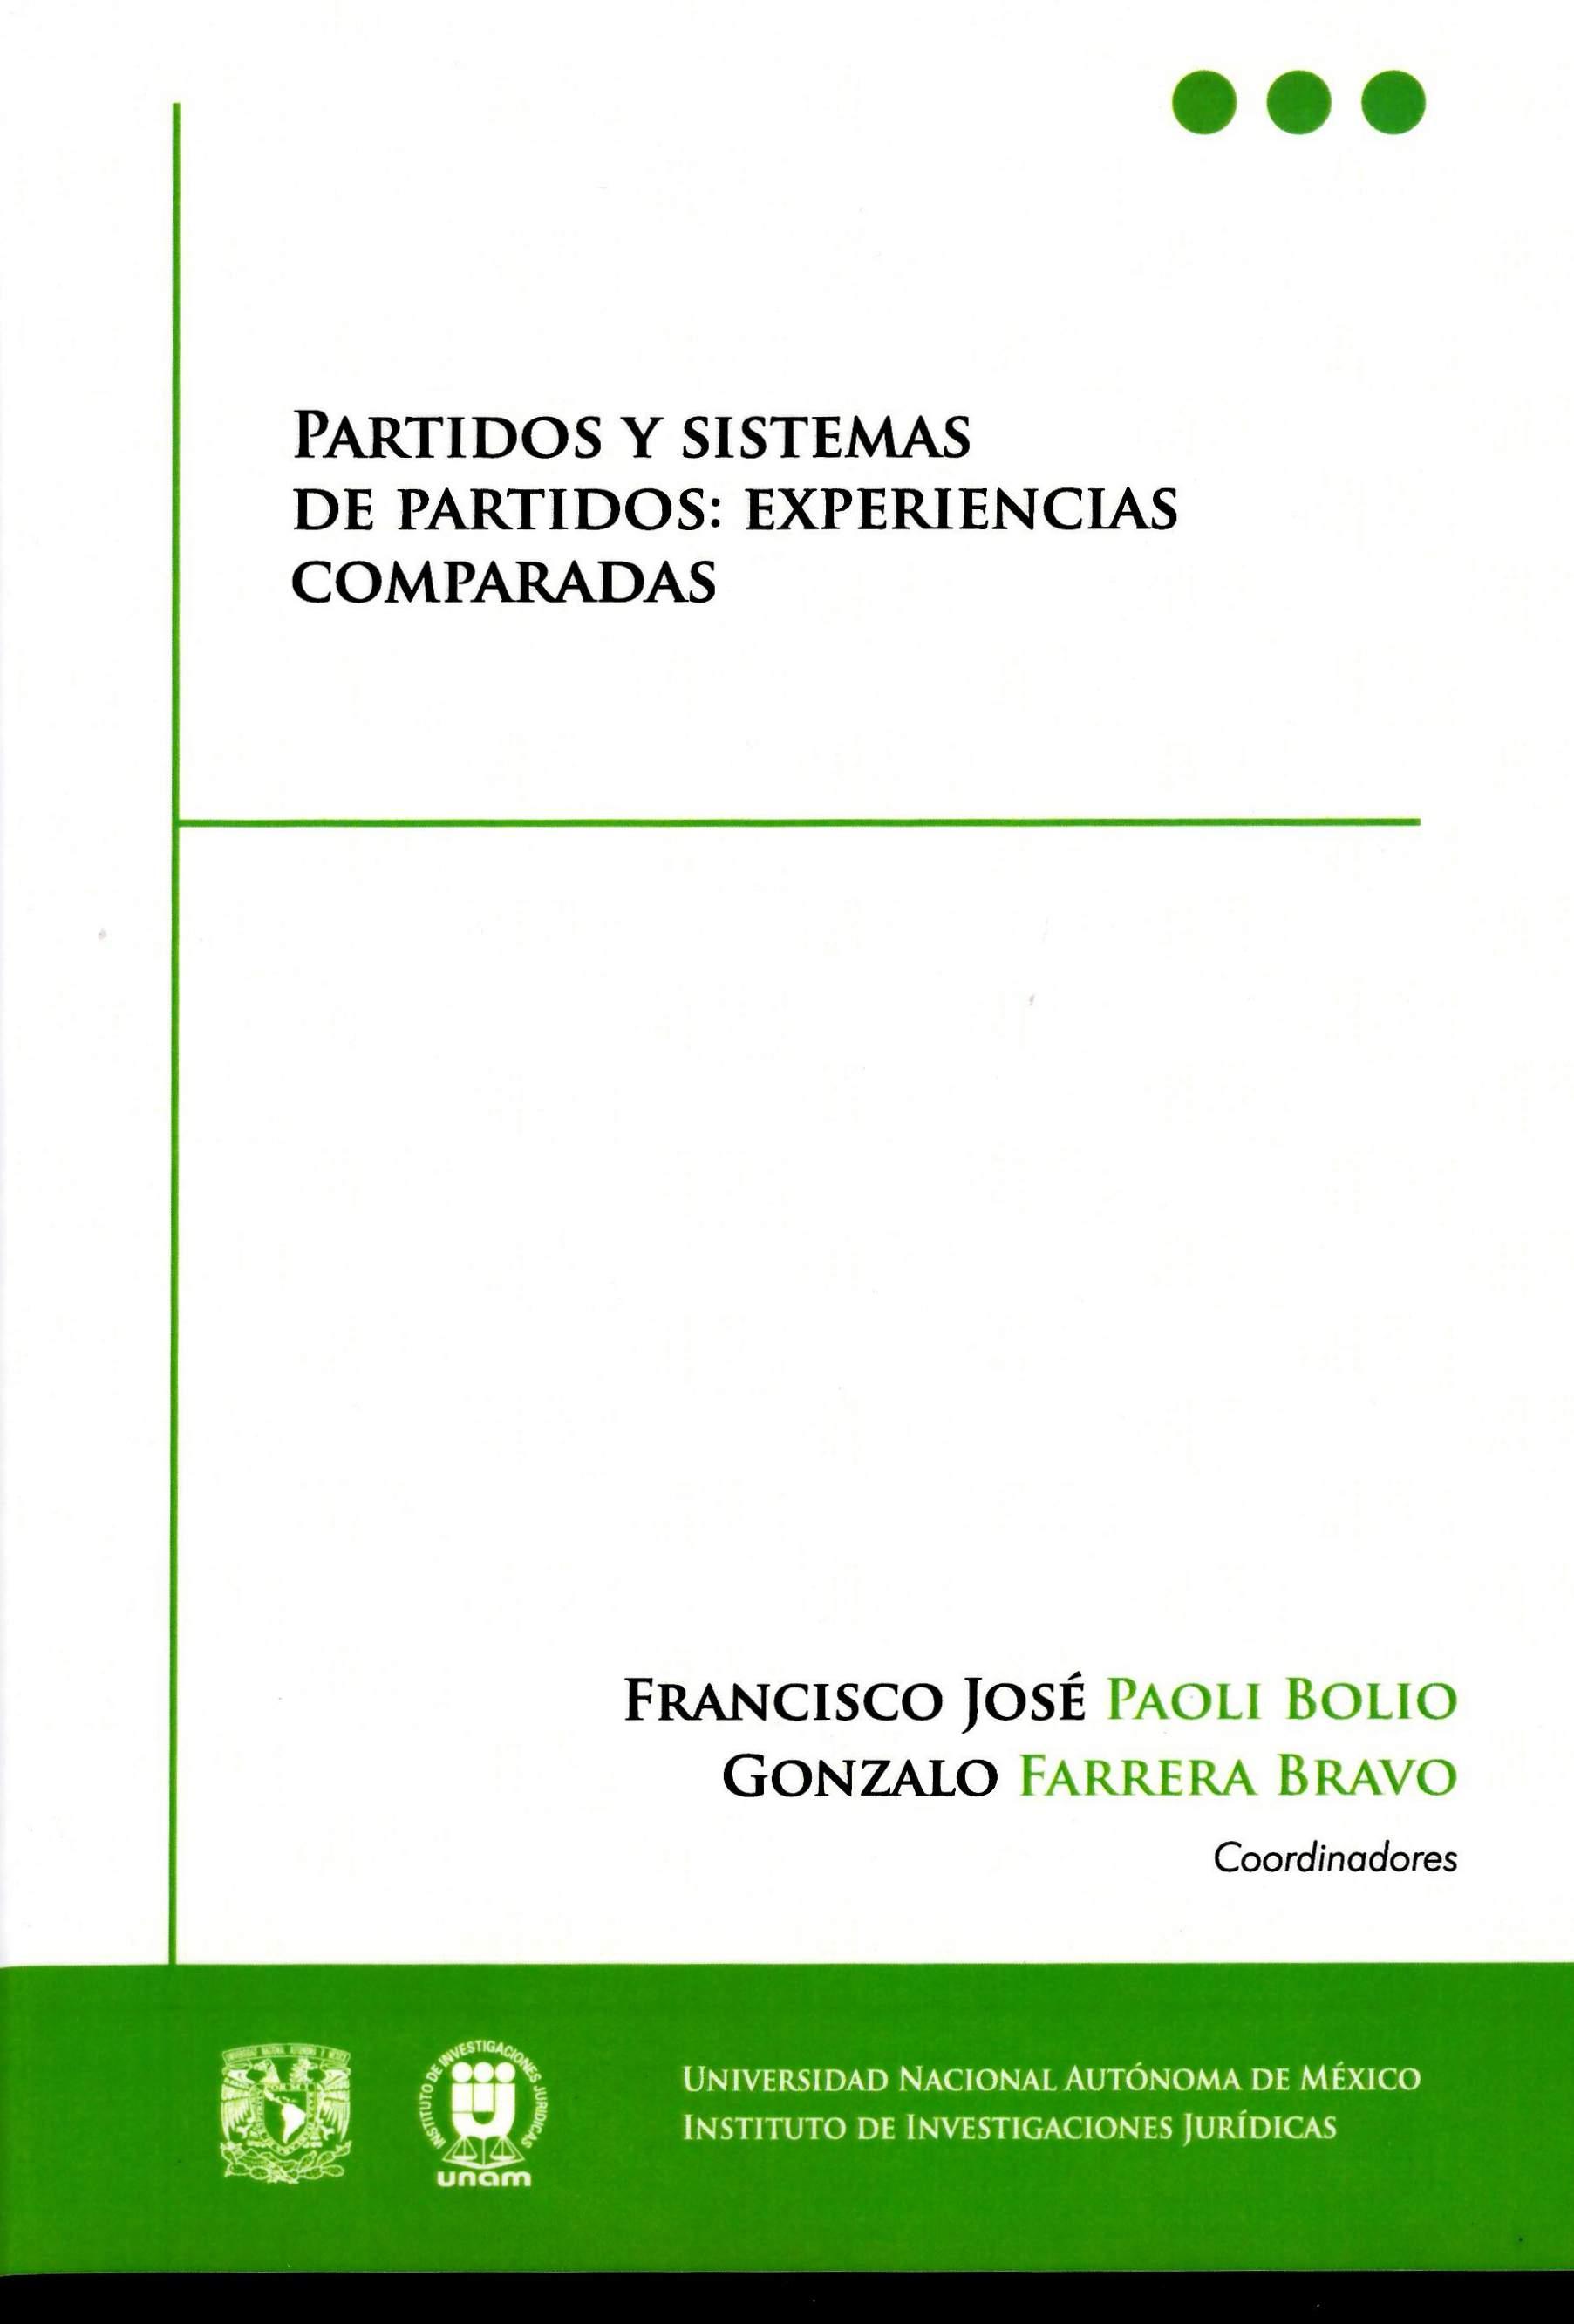 Partidos y sistemas de partidos: experiencias comparadas